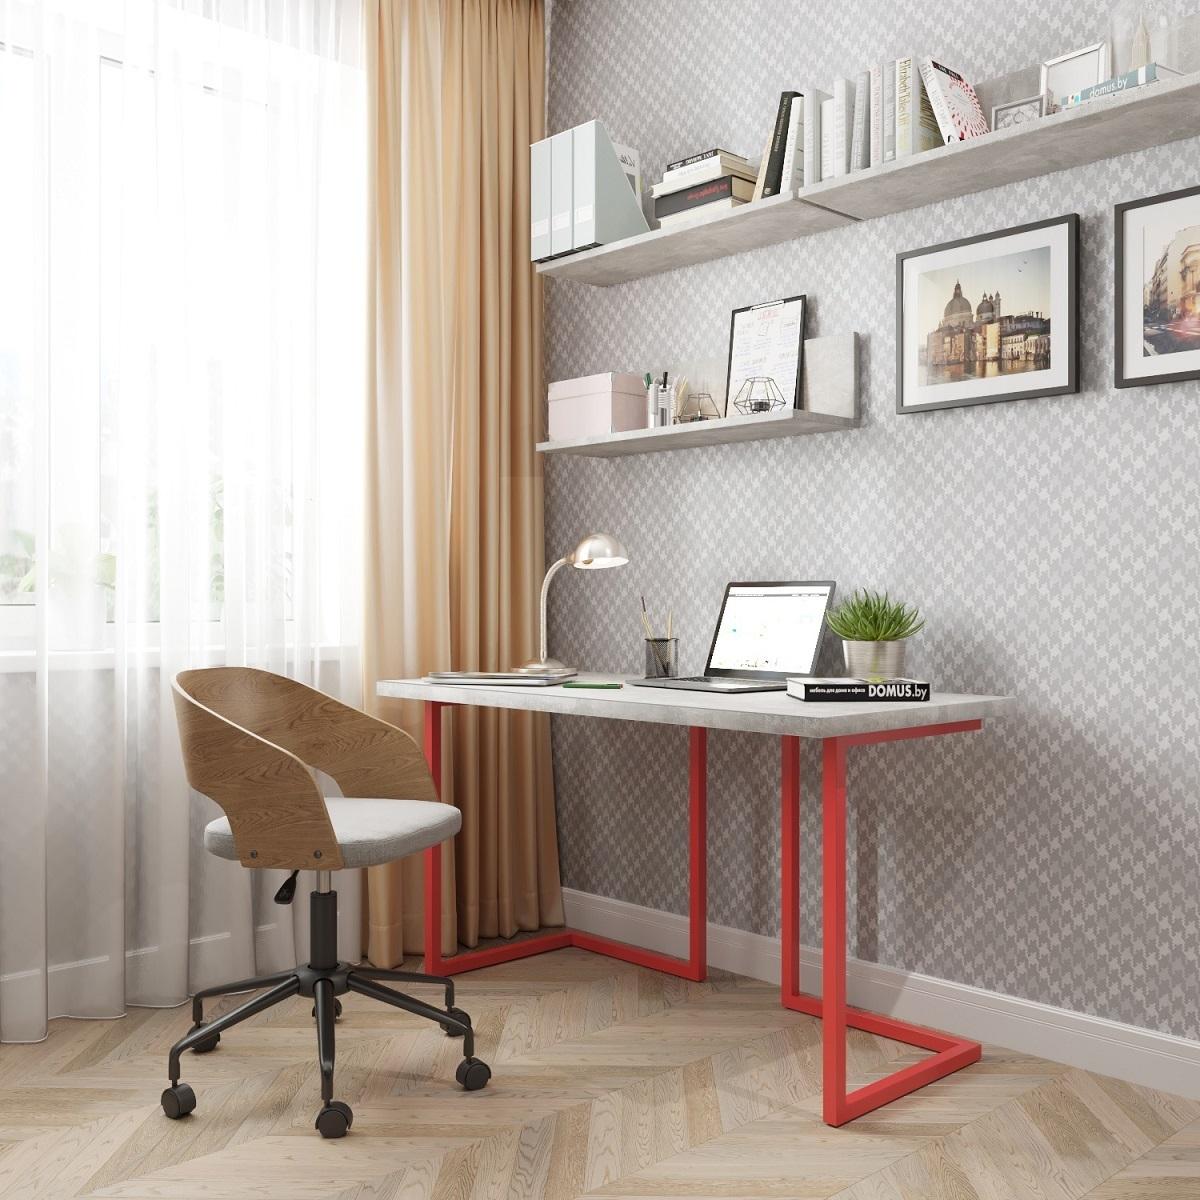 Письменный стол ДОМУС Урбан-1 бетон серый/металл красный